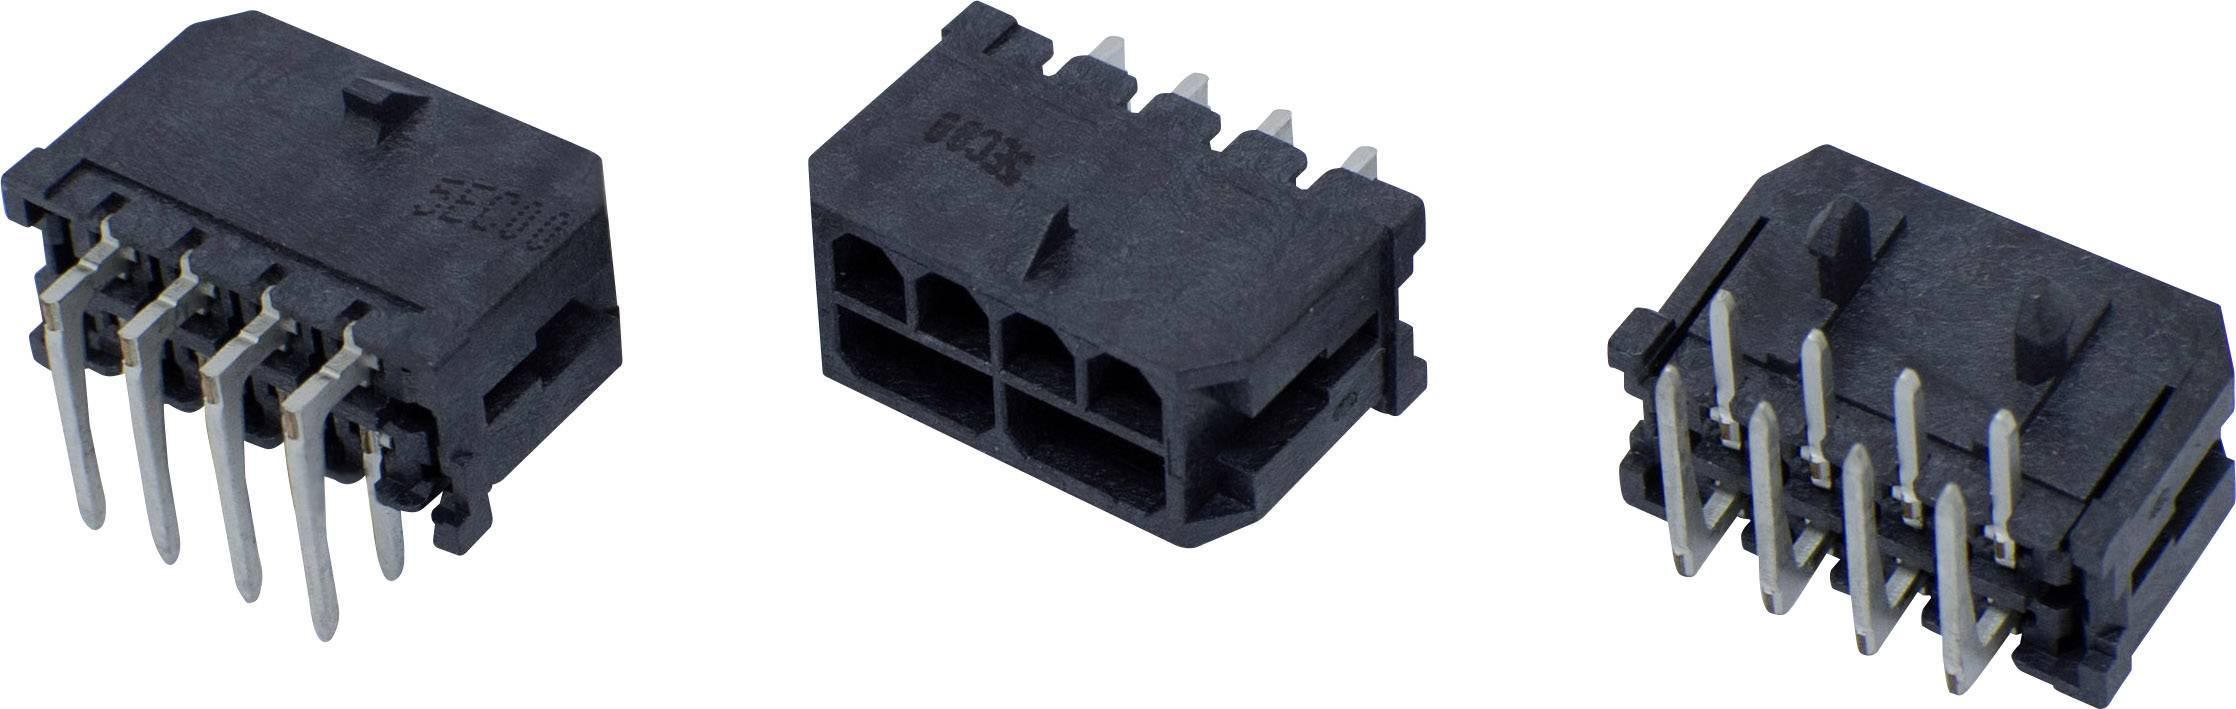 Pinová lišta (štandardná) BellWether 70095-1208, pólů 12, rozteč 3 mm, 1 ks